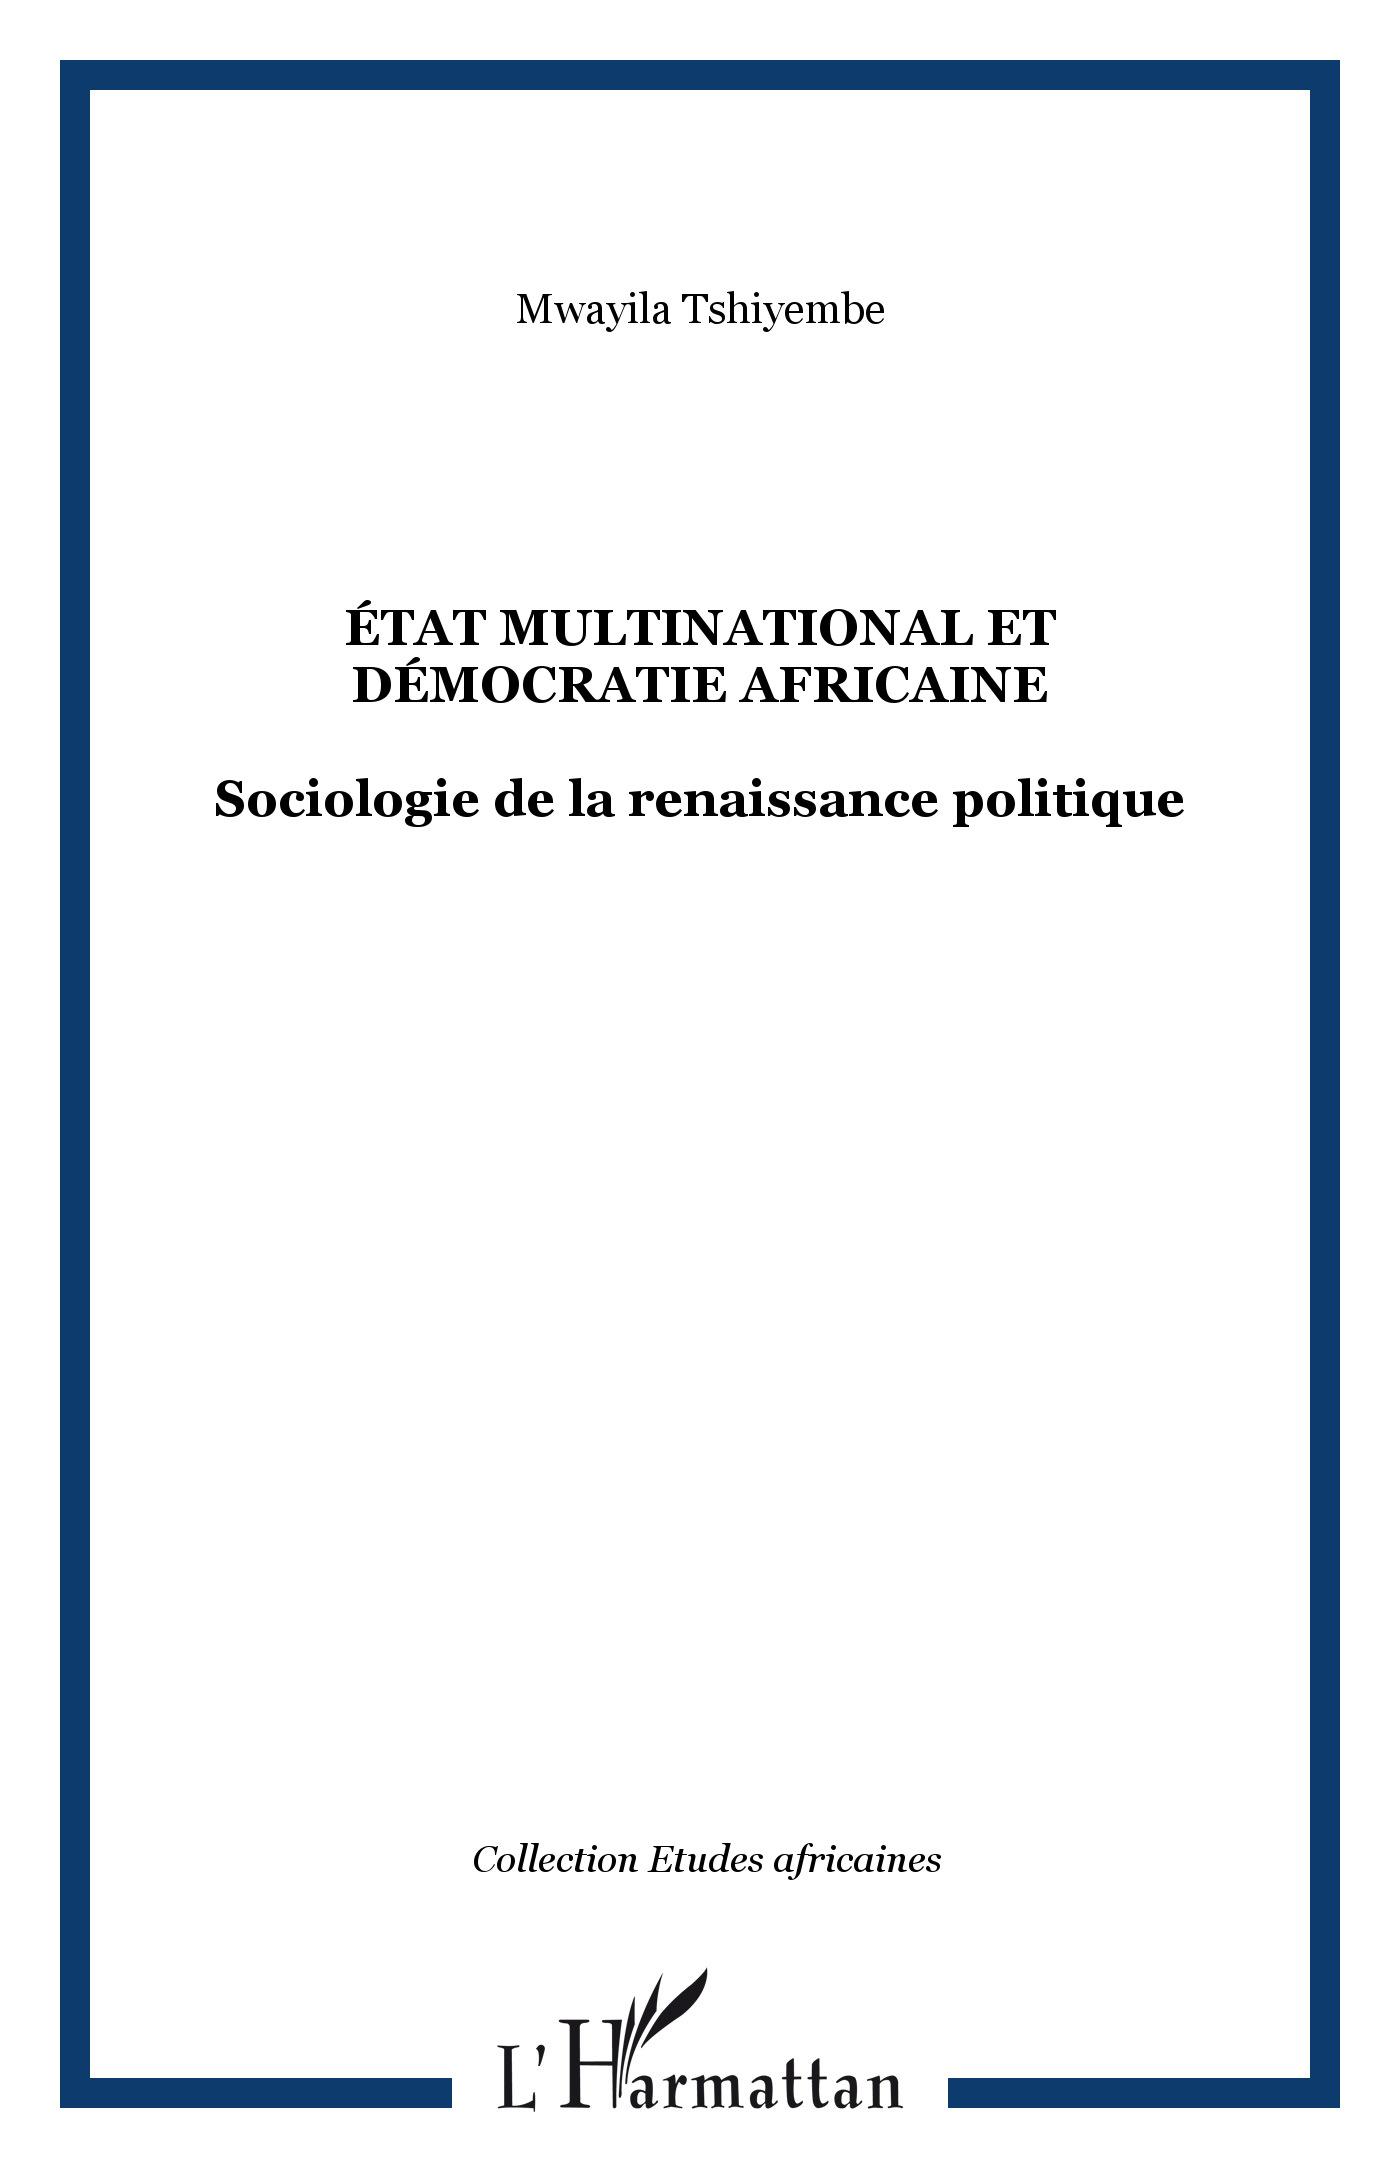 ETAT MULTINATIONAL ET DEMOCRATIE AFRICAINE : SOCIOLOGIE DE LA RENAISSANCE POLITIQUE - Mwayila Tshiyembe